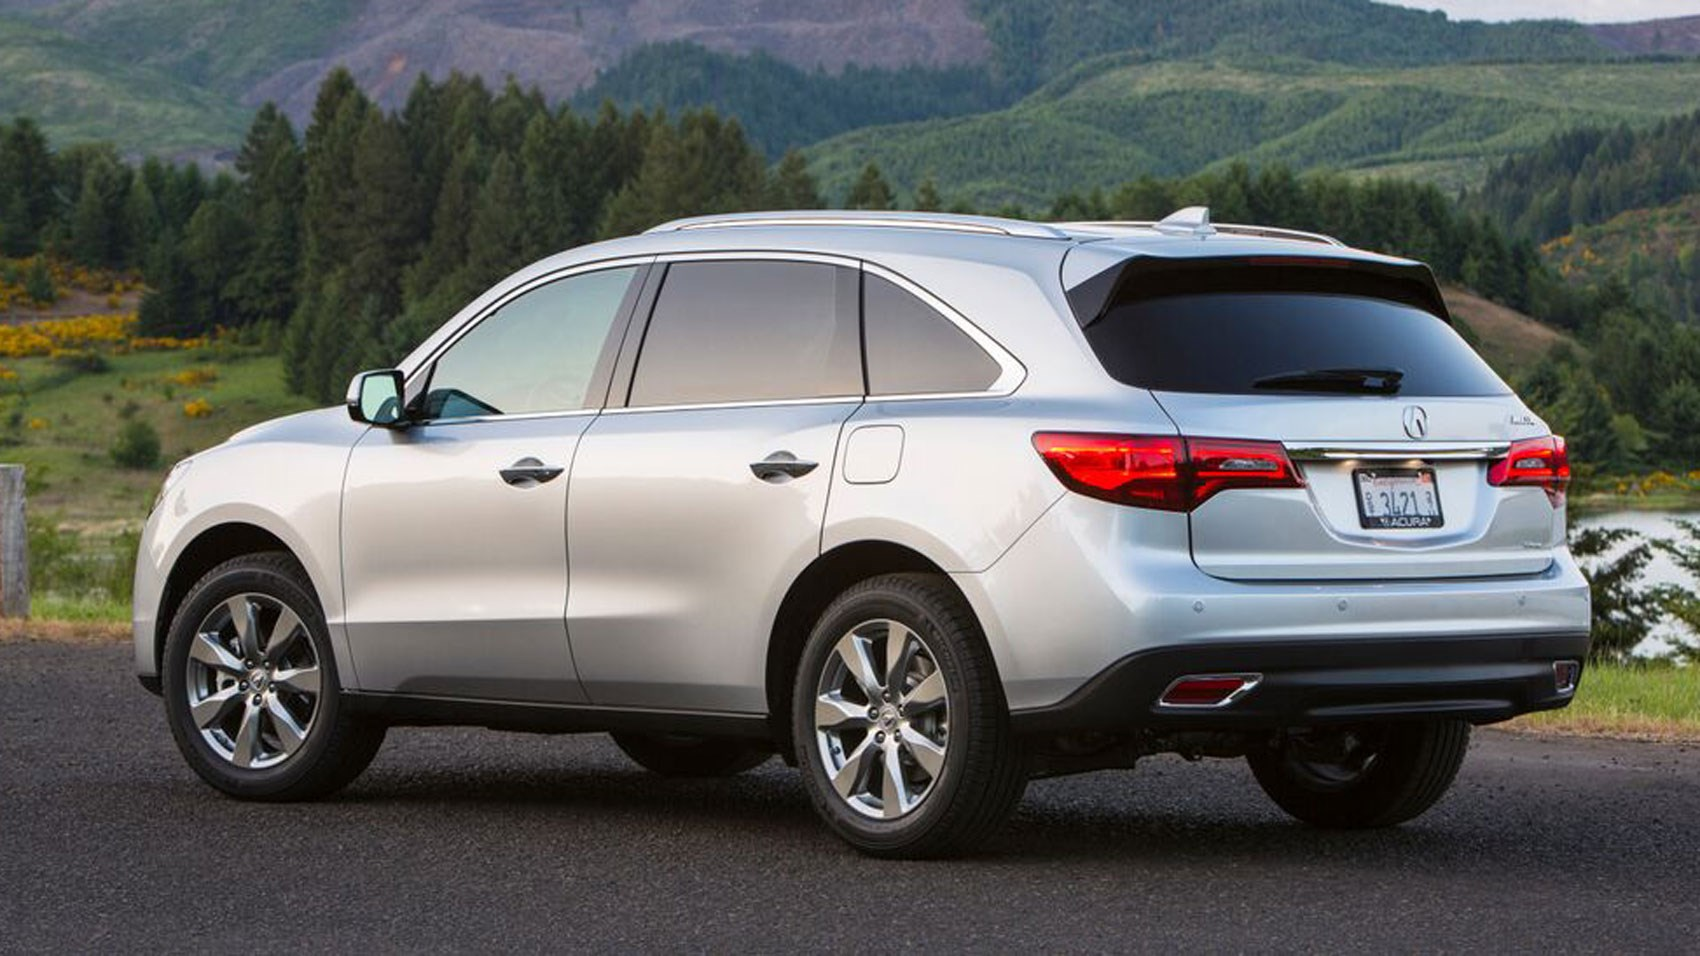 2012 Honda Crv For Sale >> Acura MDX SH-AWD (2015) review | CAR Magazine